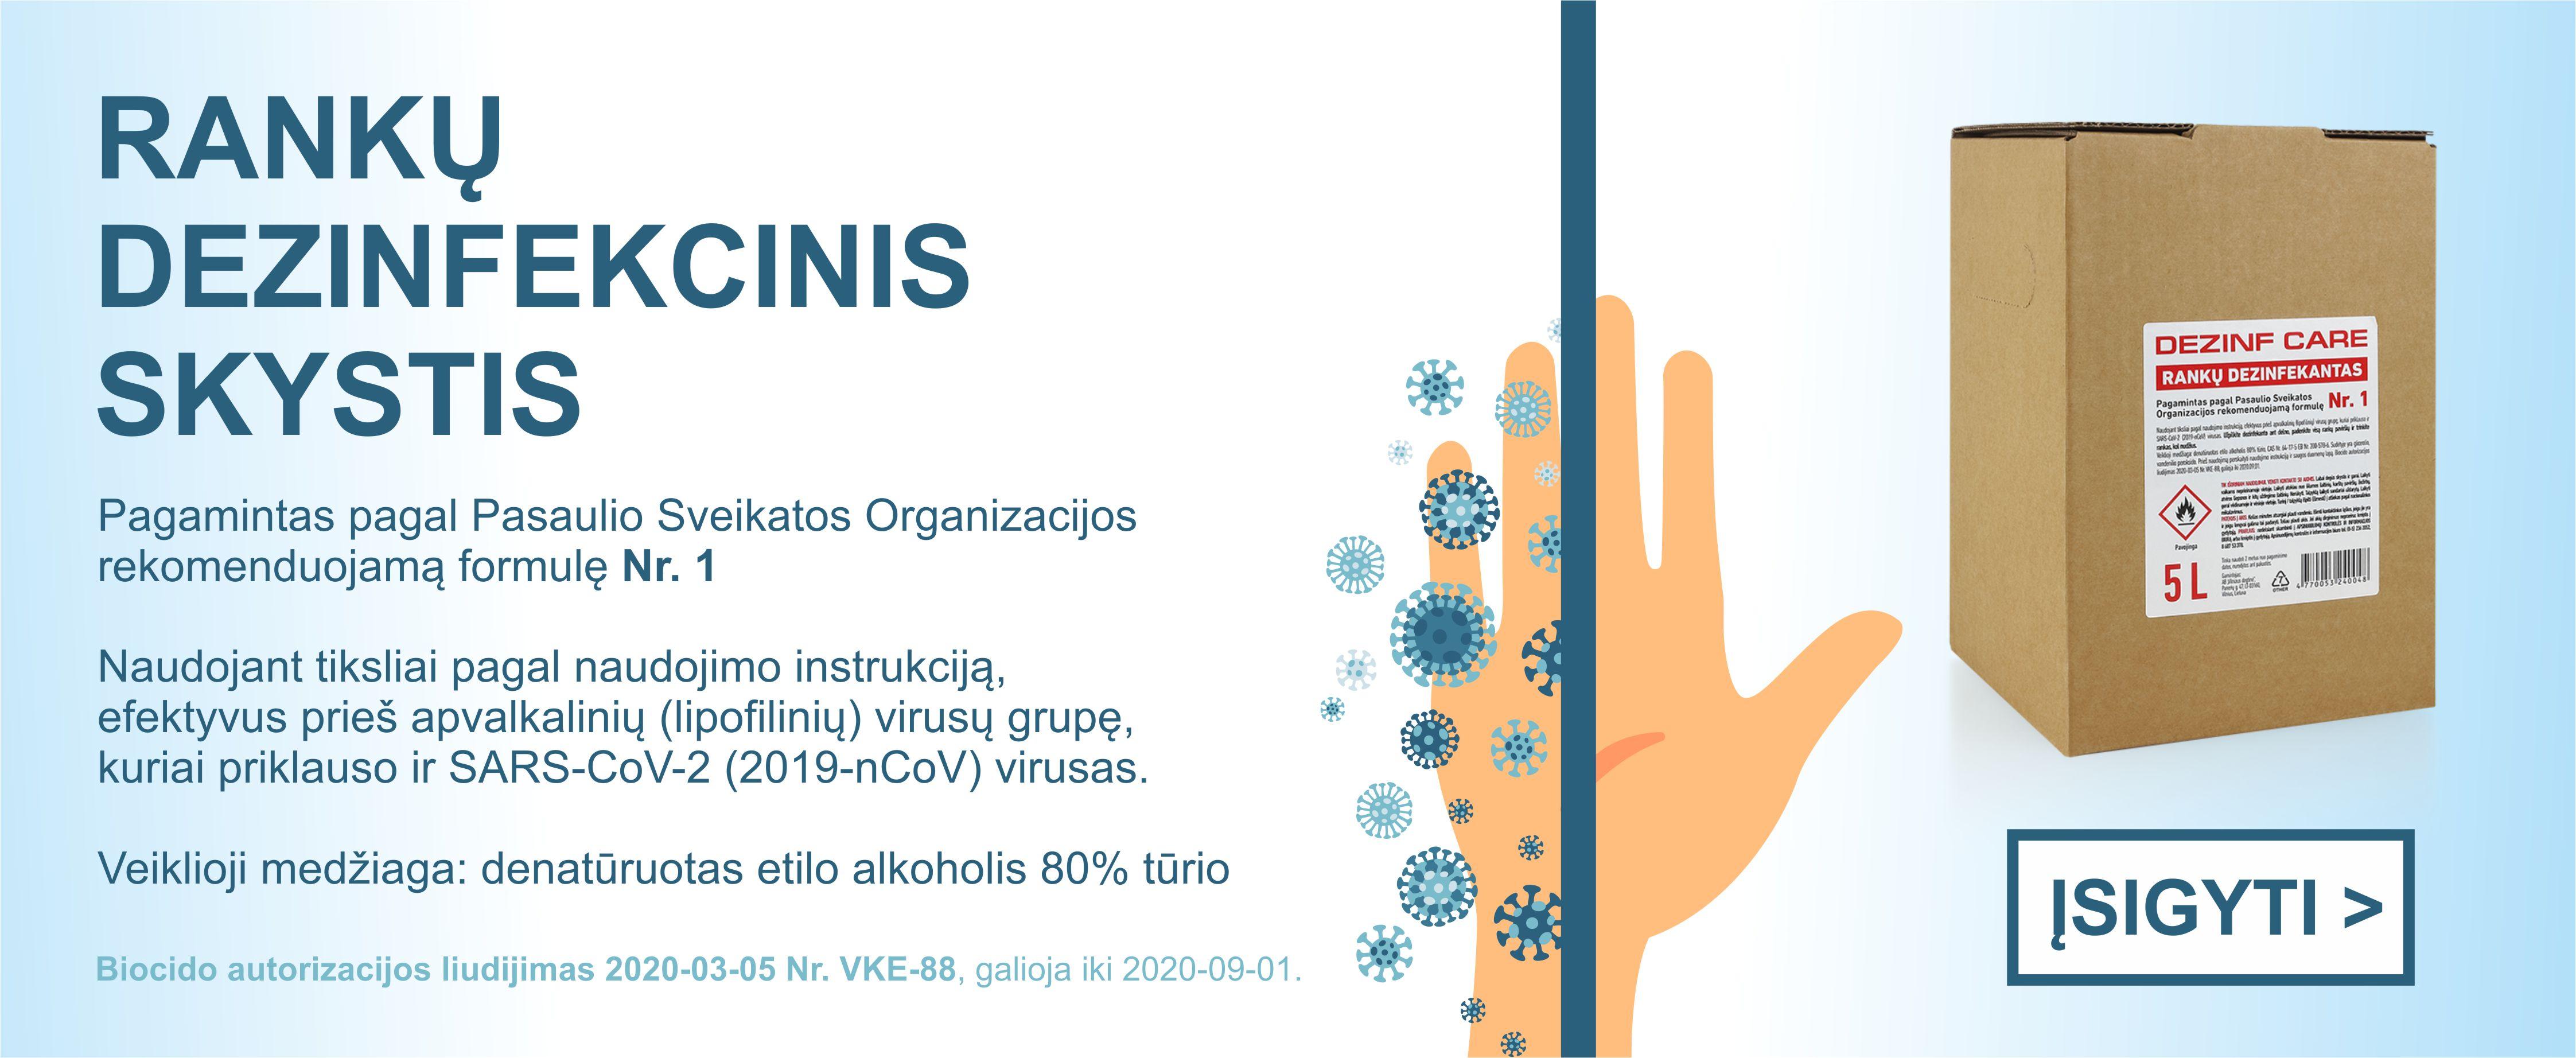 Rankų dezinfekcinis skystis